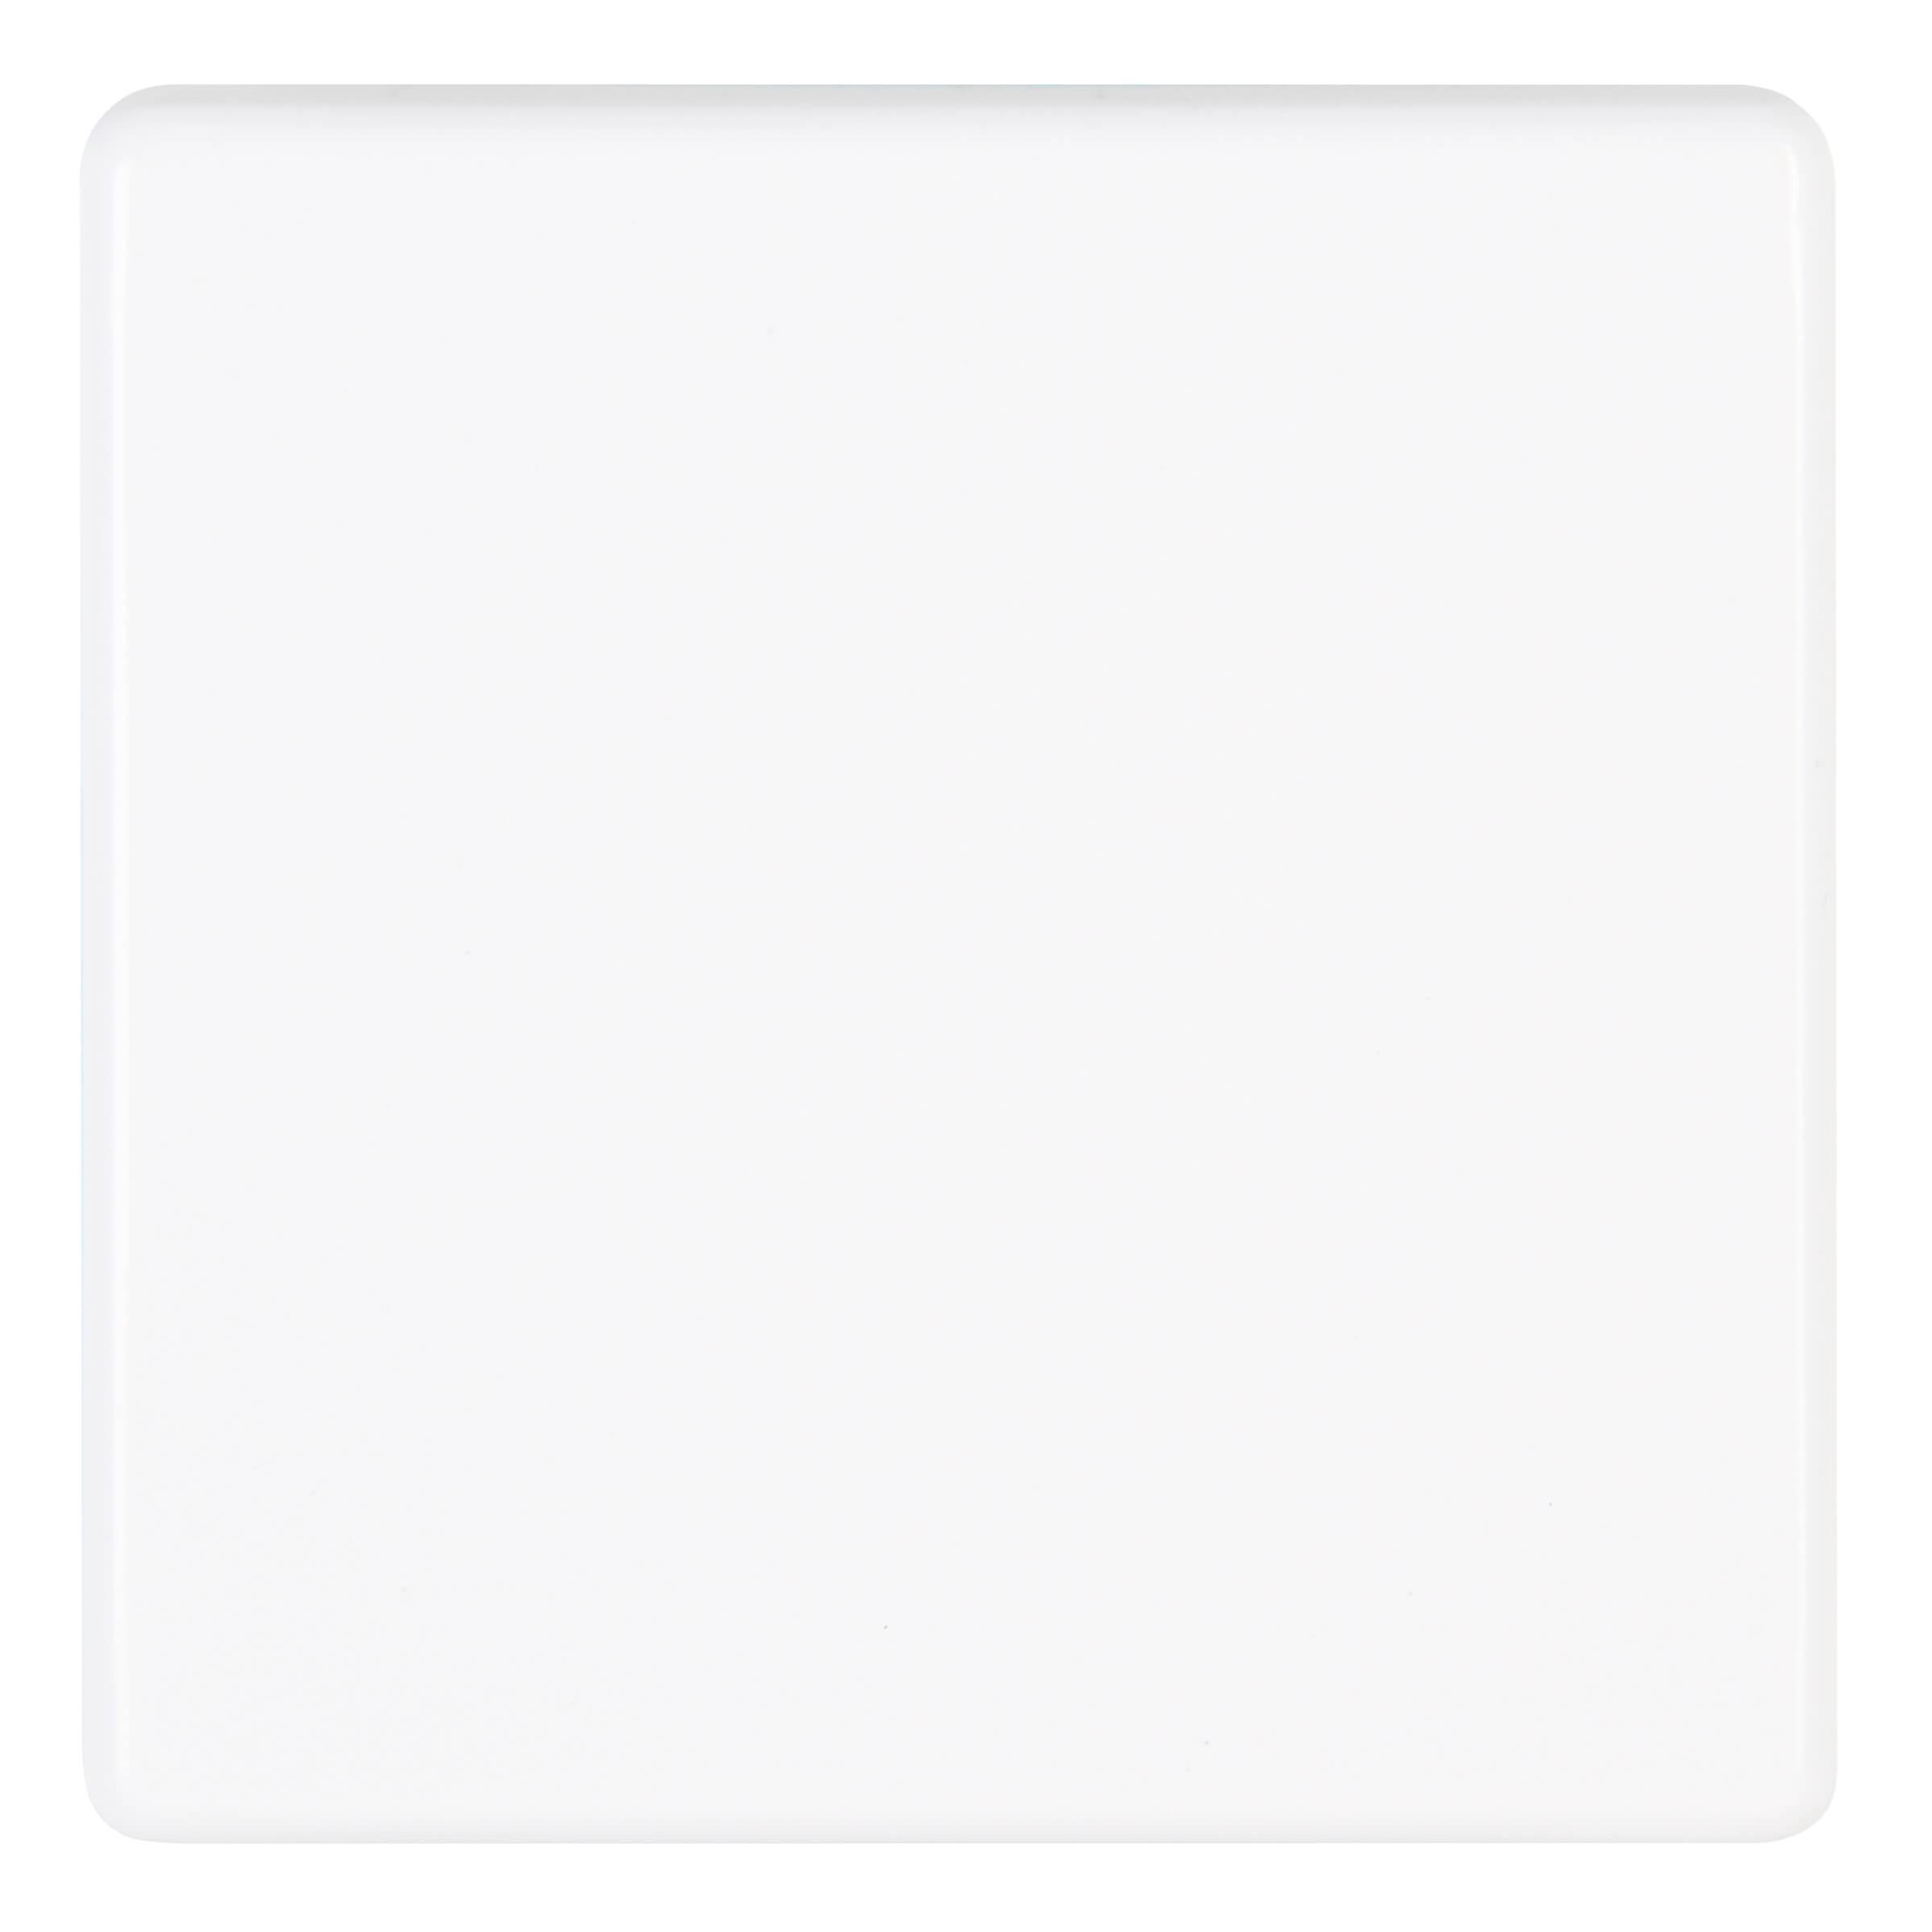 Kopp Vision drukschakelaar arctic wit